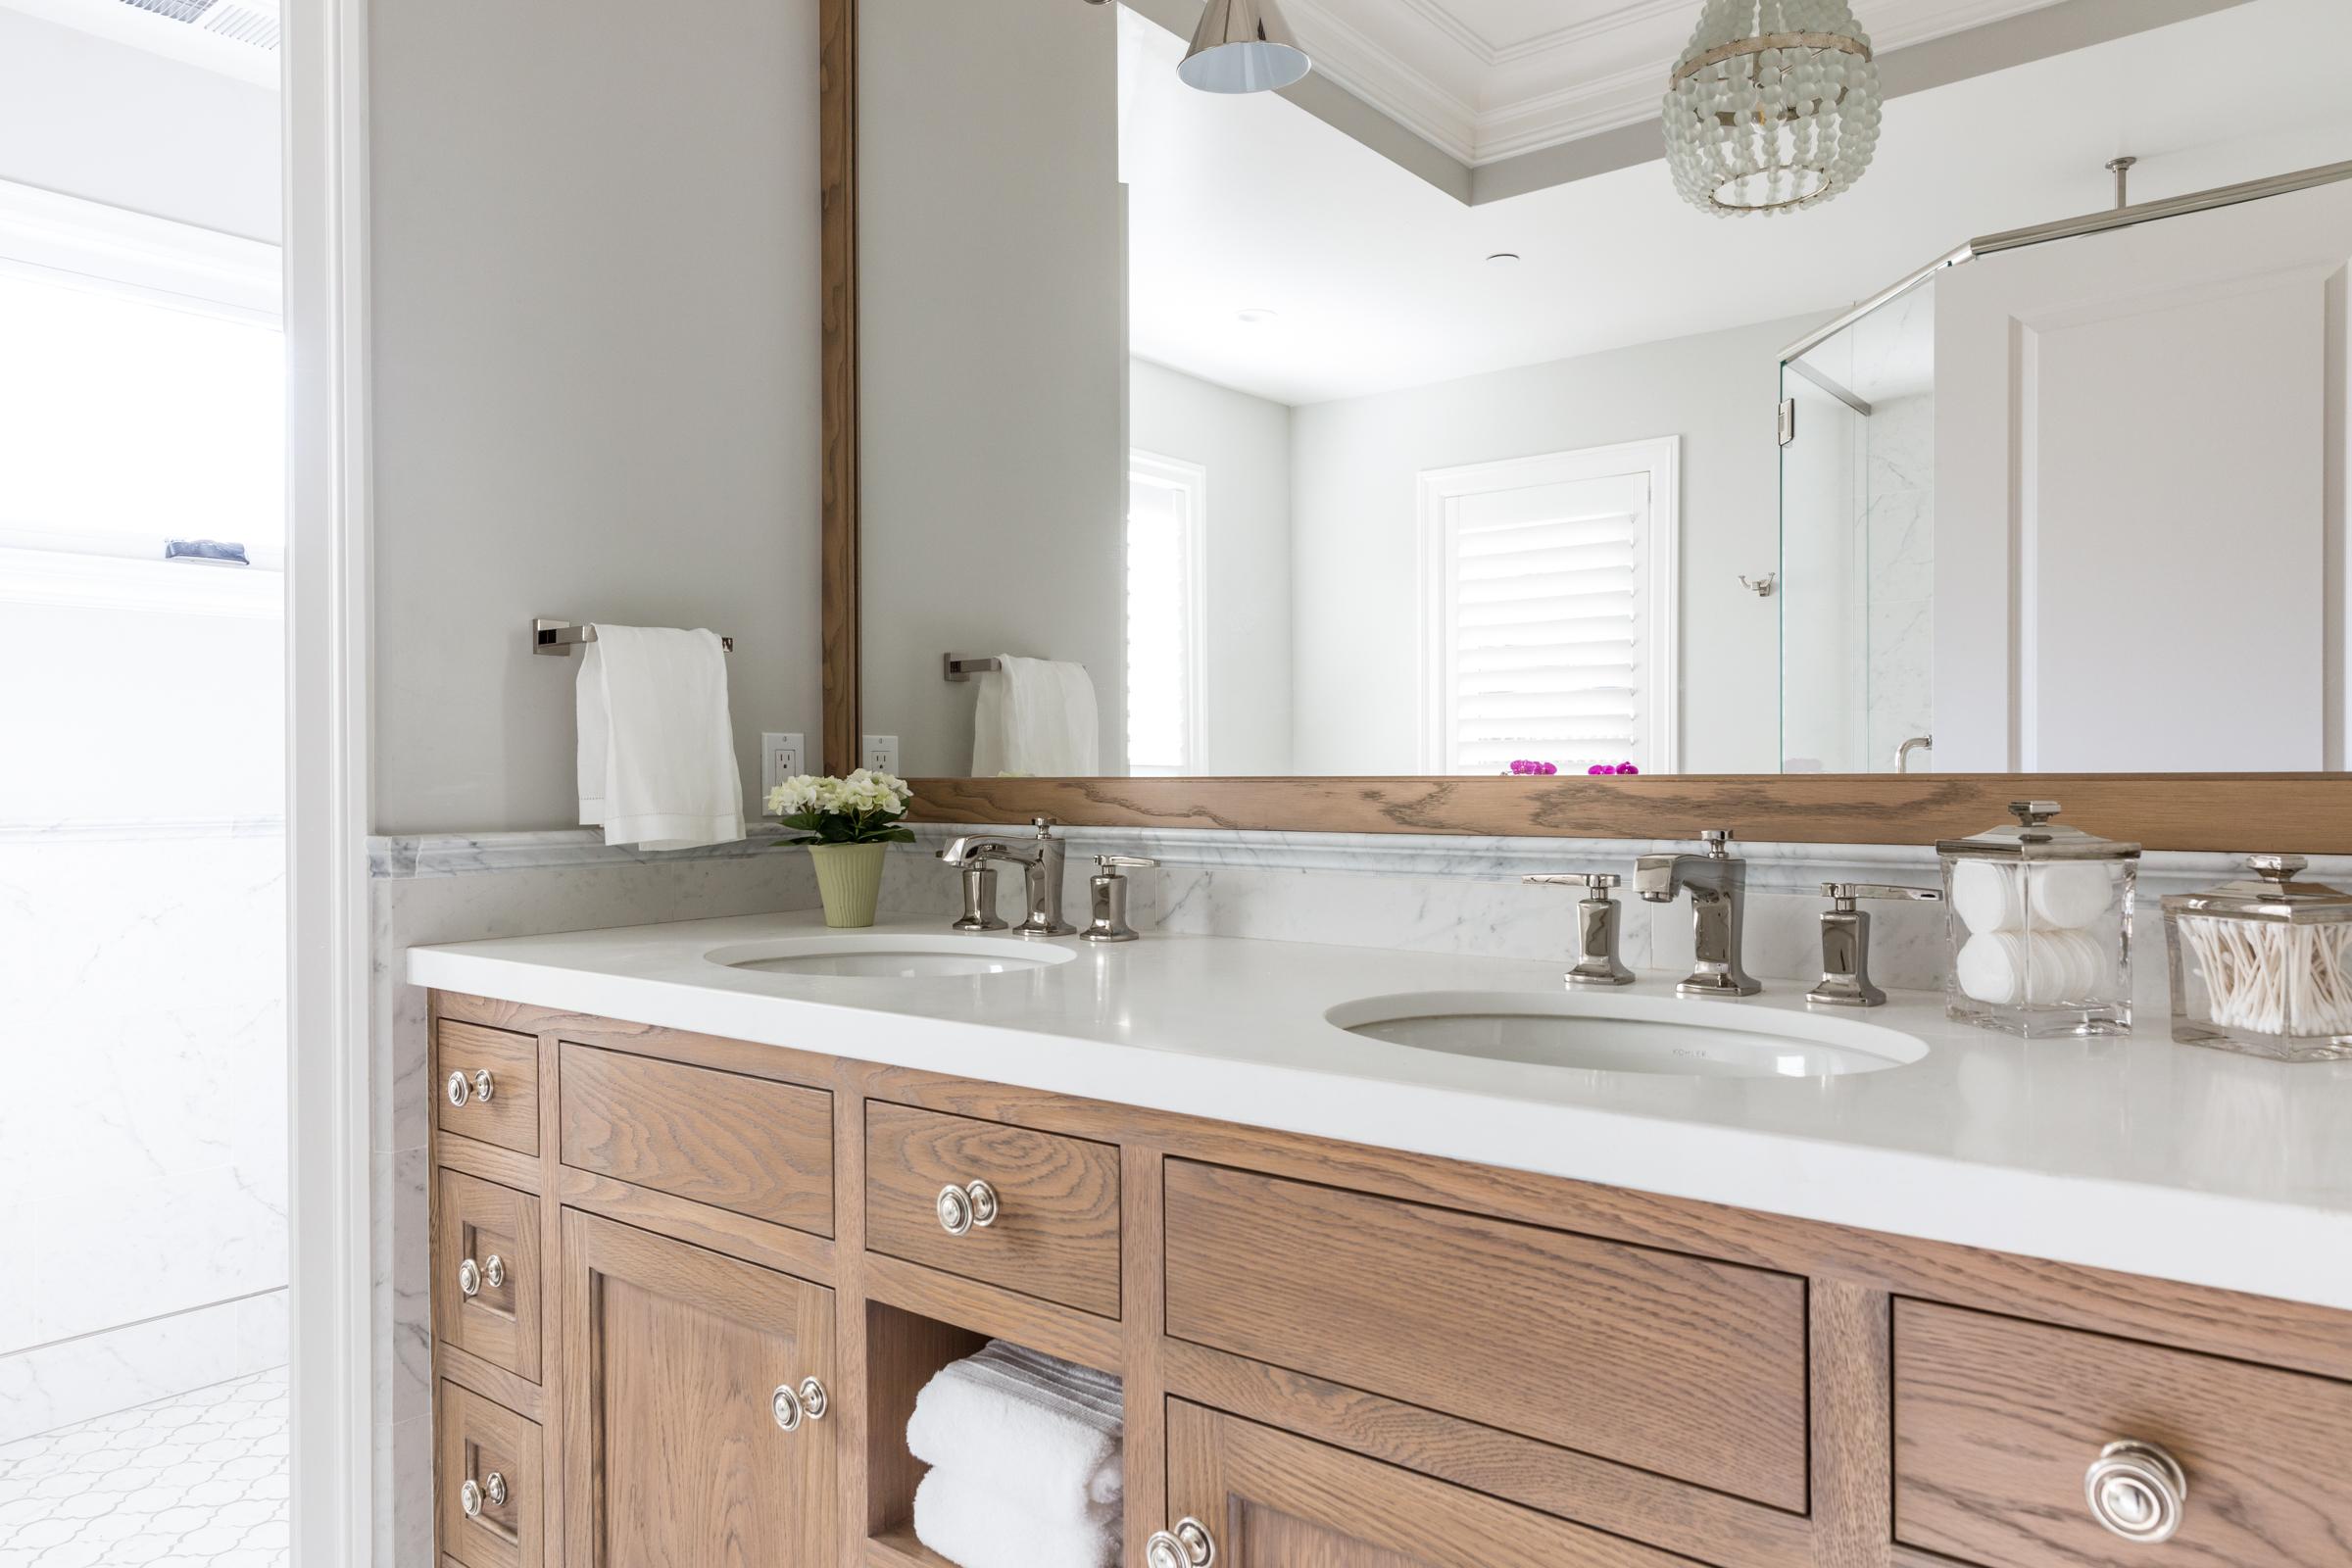 celeste_bathrooms-8.jpg